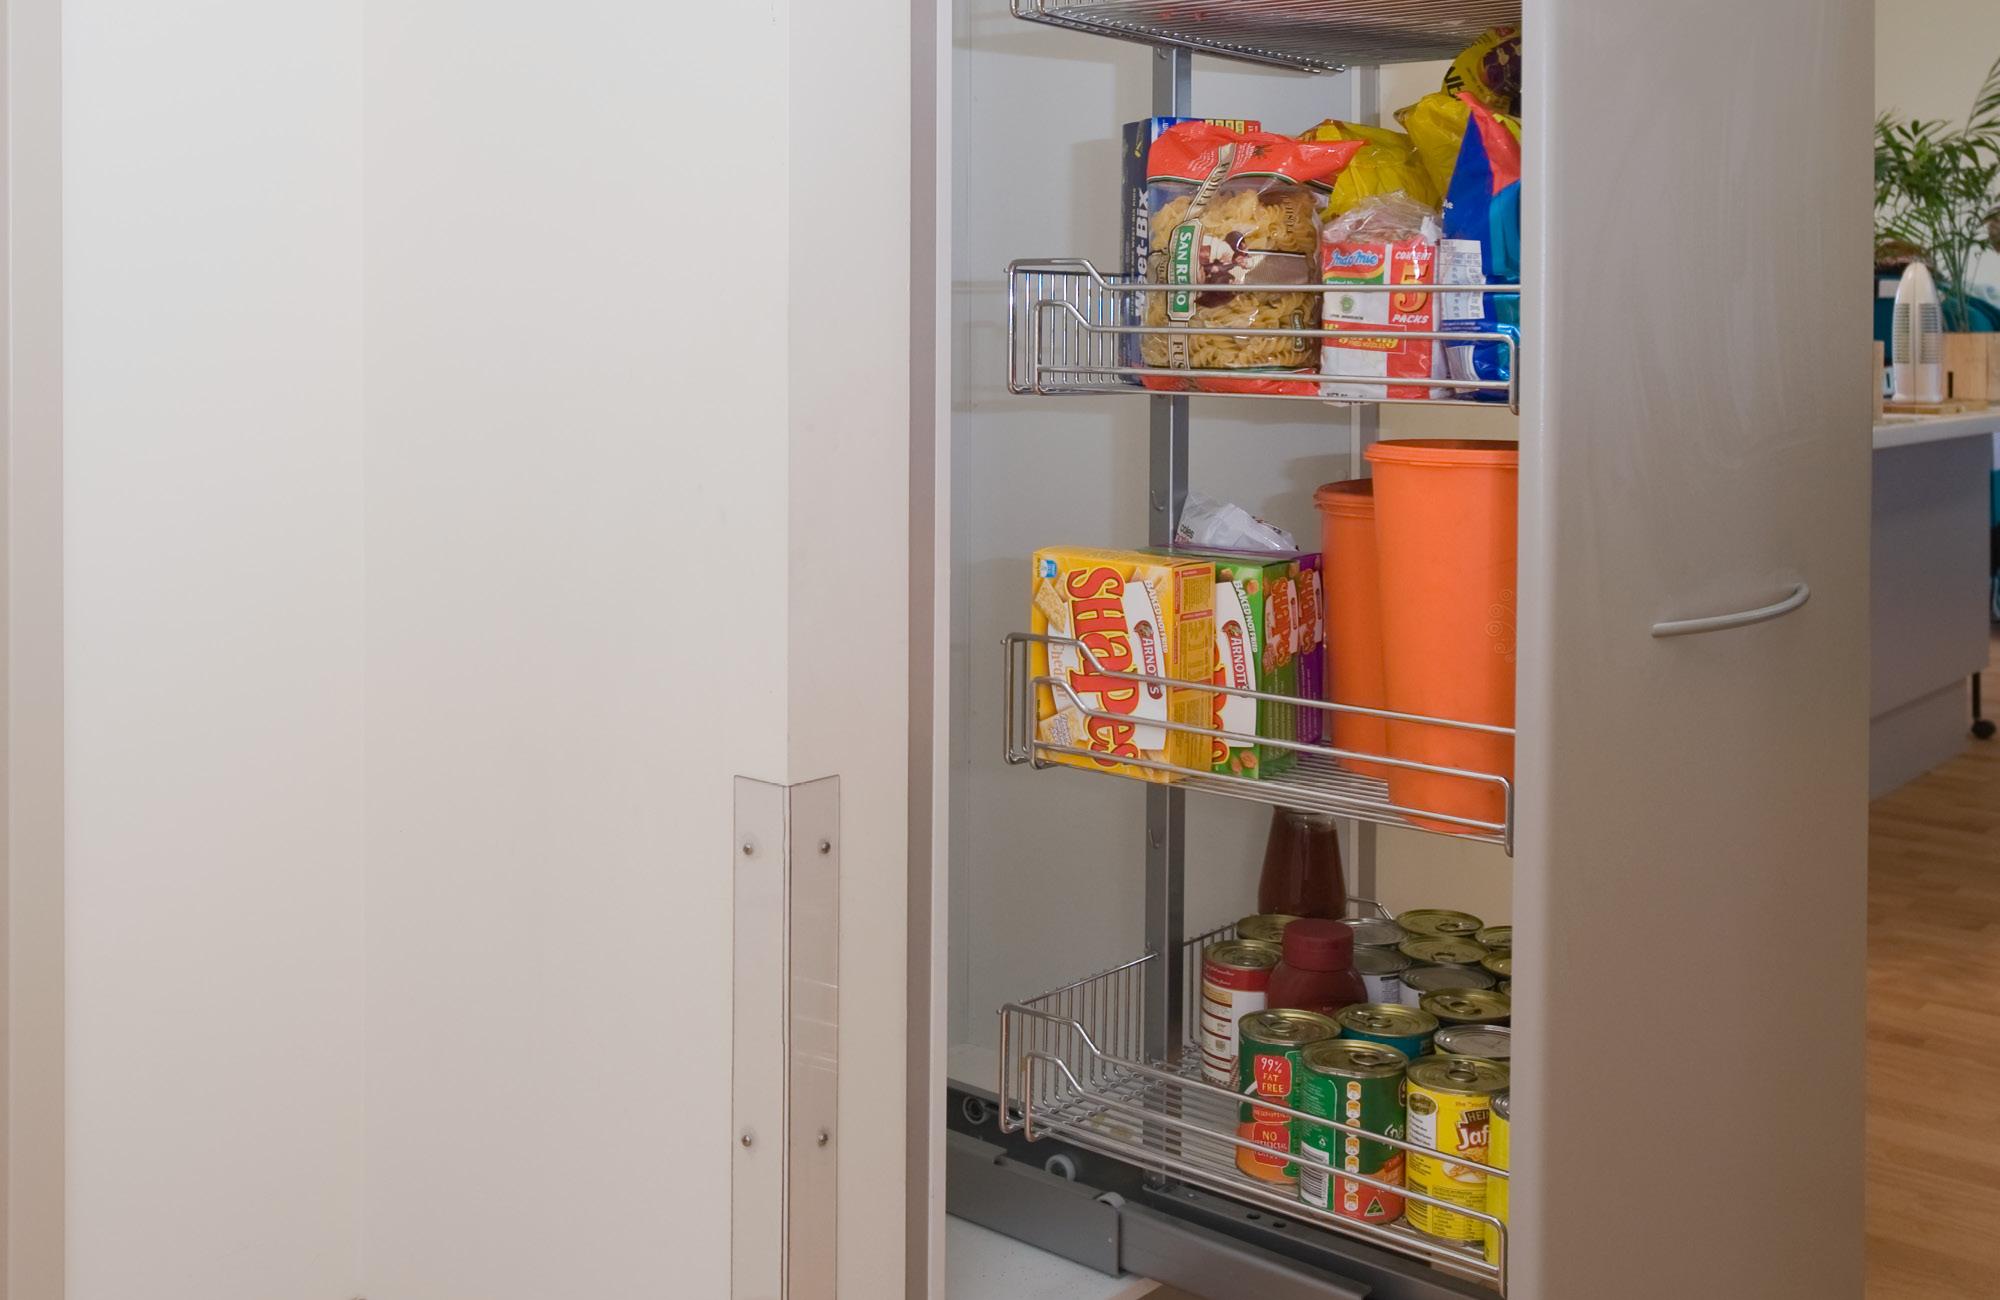 Normus Urban Projects Kitchen Storage Solution